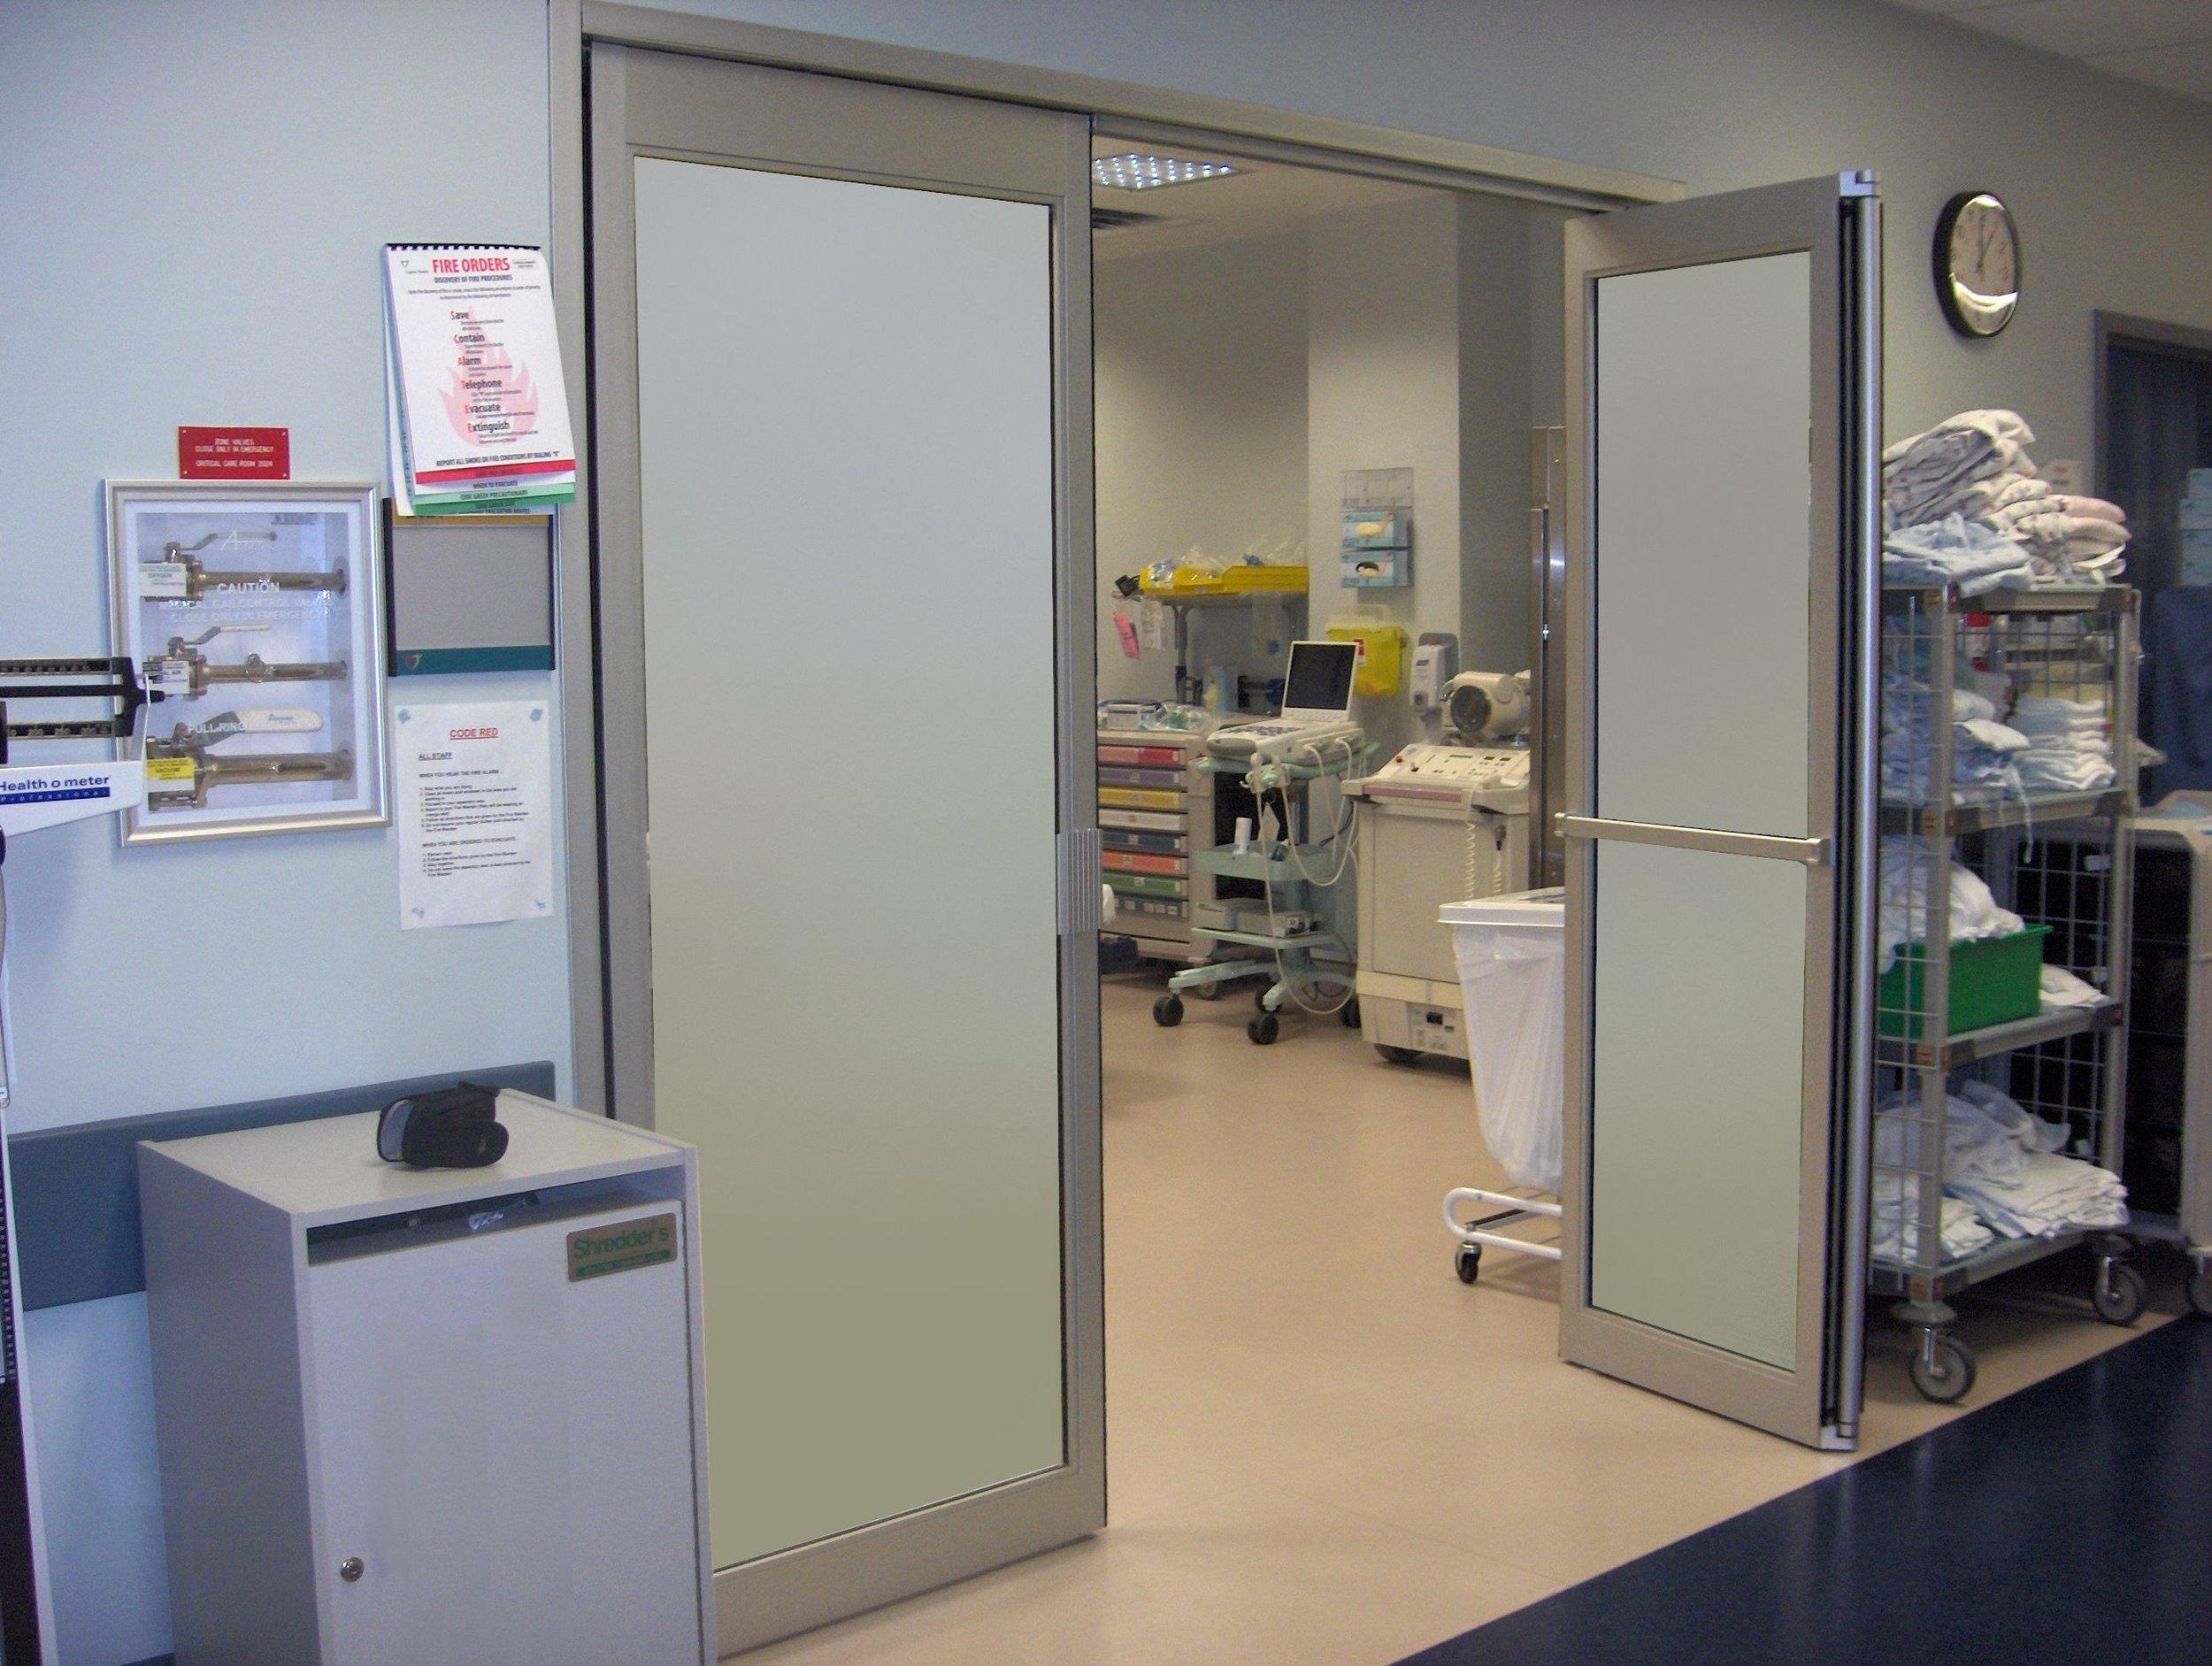 Hospital ICU Private